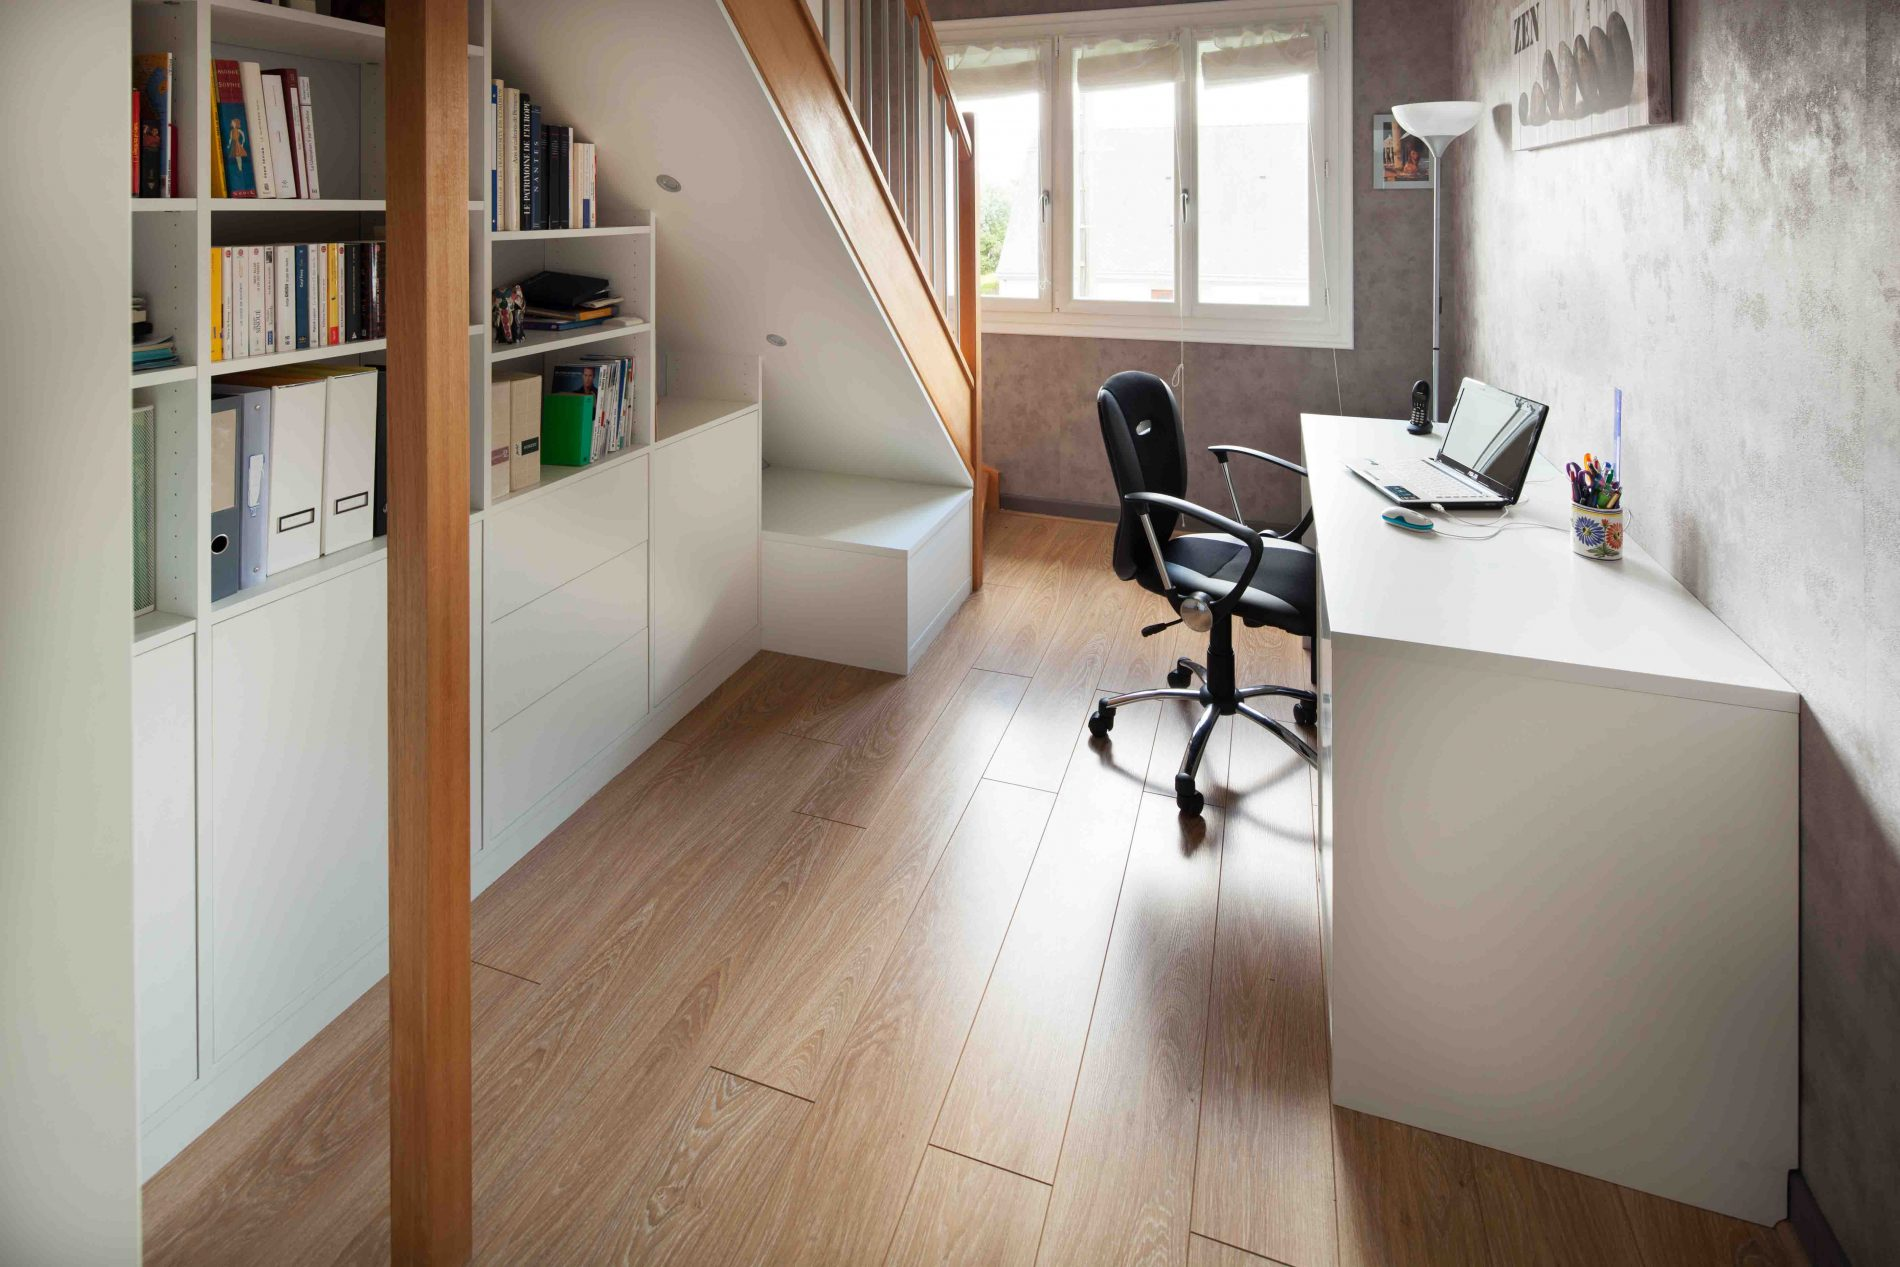 Bureau blanc aménagée à côté d'un escalier